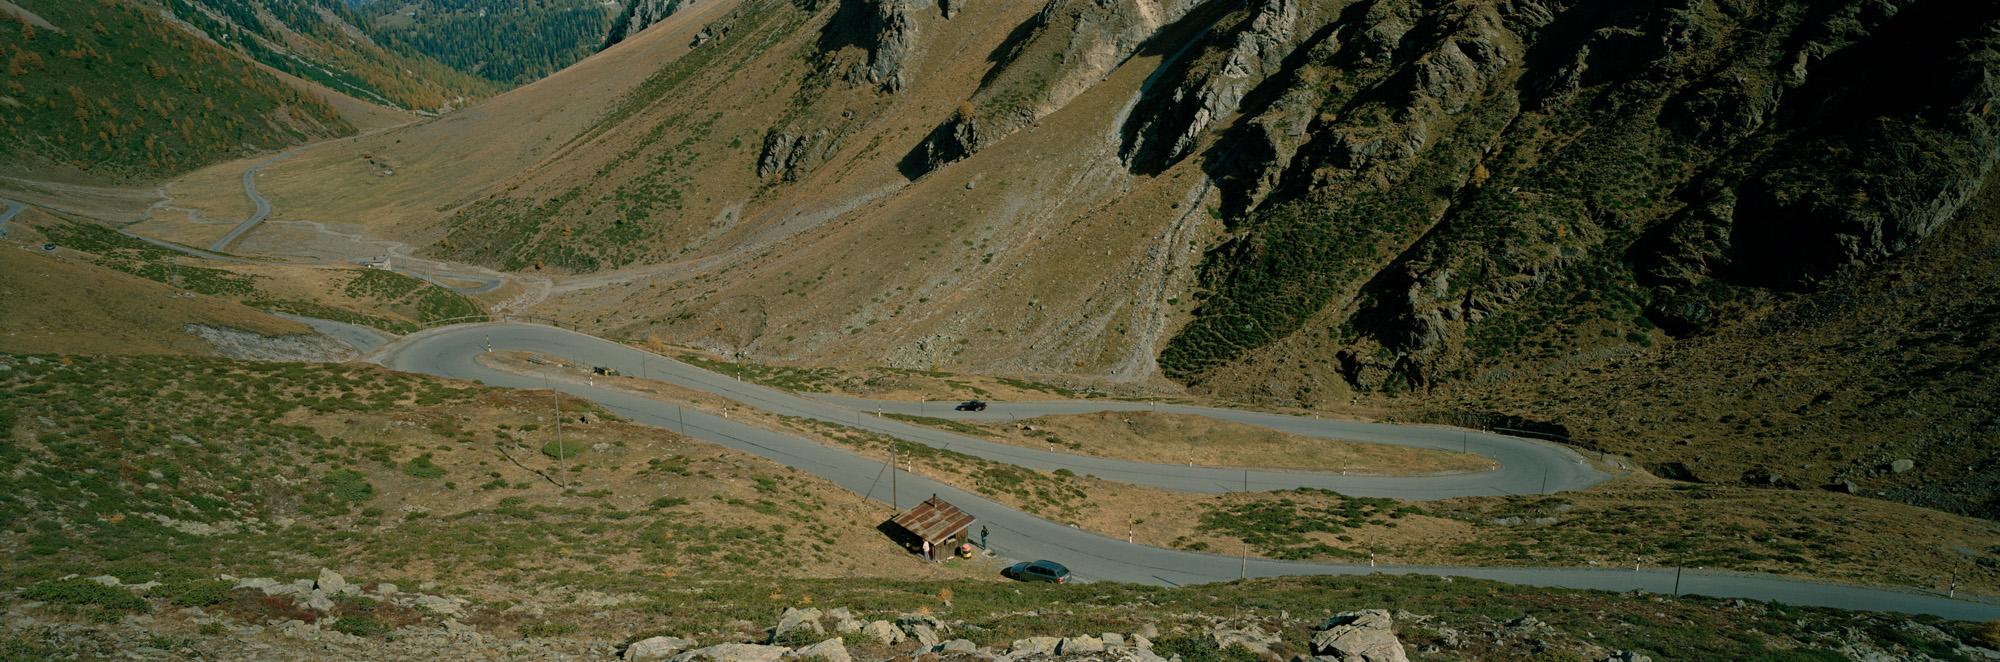 Alpenpässe, Alpen, Schweiz, Italien, Österreich, Deutschland, Natur, Landschaften, Pässe, Straßen, Steine, Berge, Wiesen, Grün, Gras, Bergluft, Blau, Himmel, Umbrailpass